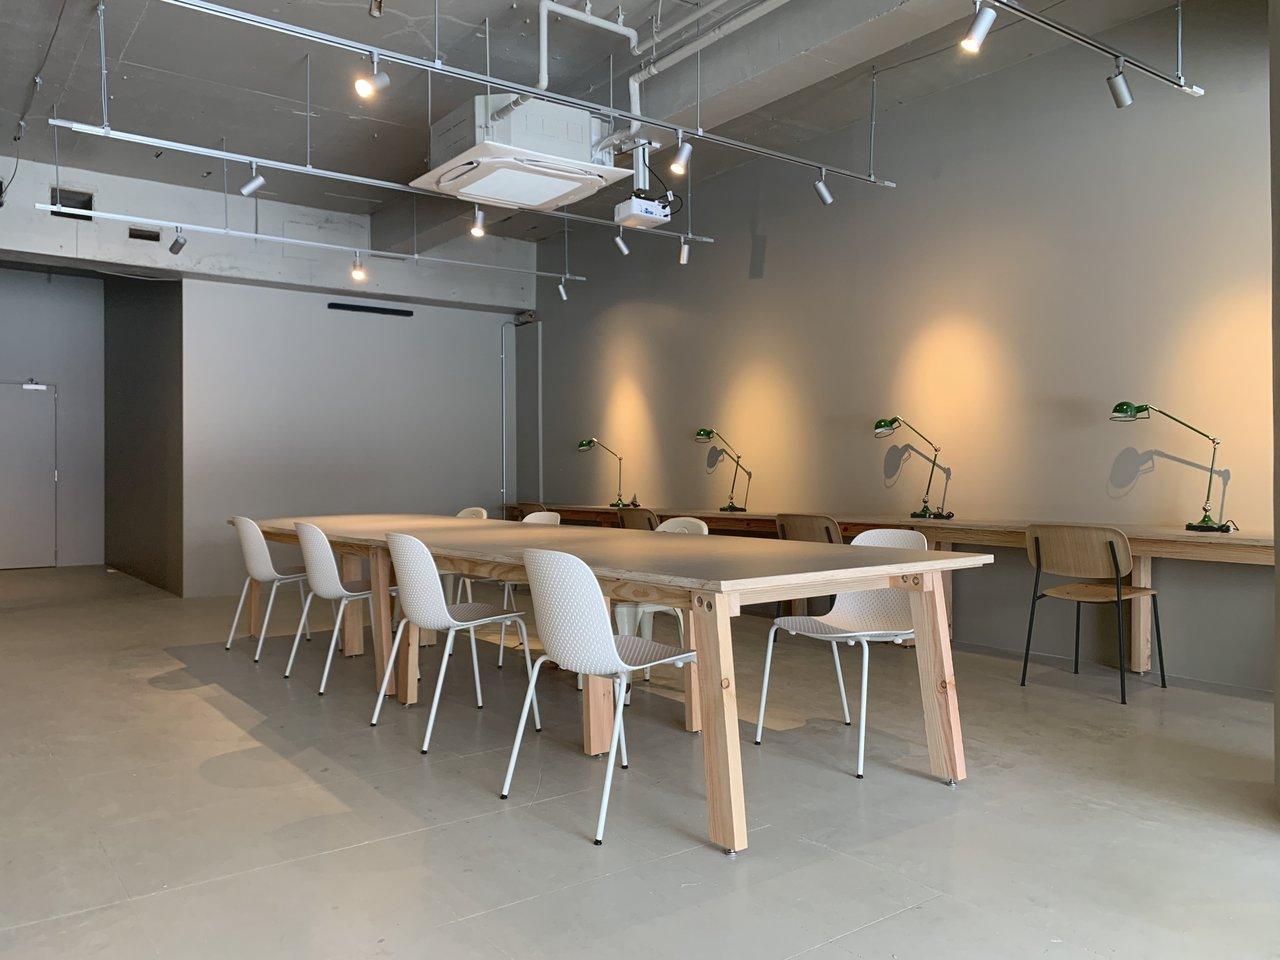 品川駅から徒歩でのアクセスが可能な好立地ながら、ビル前にはローカルな商店街が広がる心地よい周辺環境。会員専用のコワーキングラウンジ、地下にも共用の会議室があります。